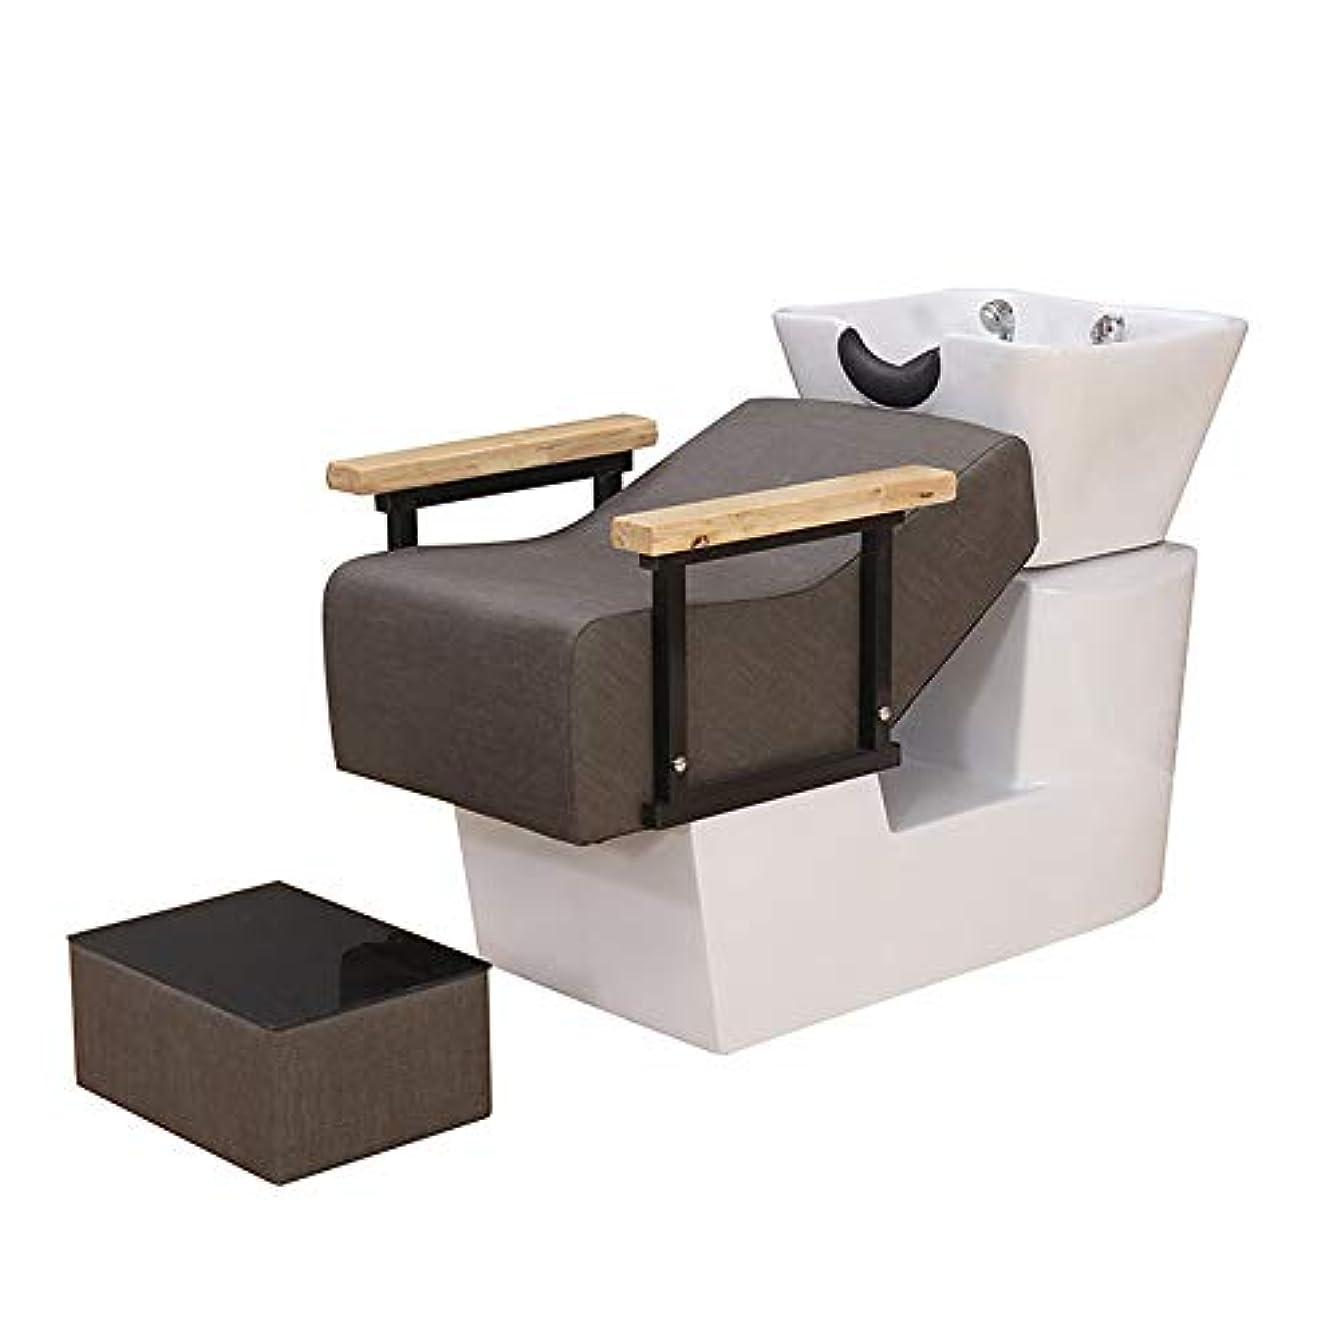 細い乳剤ポットシャンプーチェア、逆洗ユニットシャンプーボウル理髪シンクシンクチェア用スパ美容院機器用半埋め込みフラッシュベッド